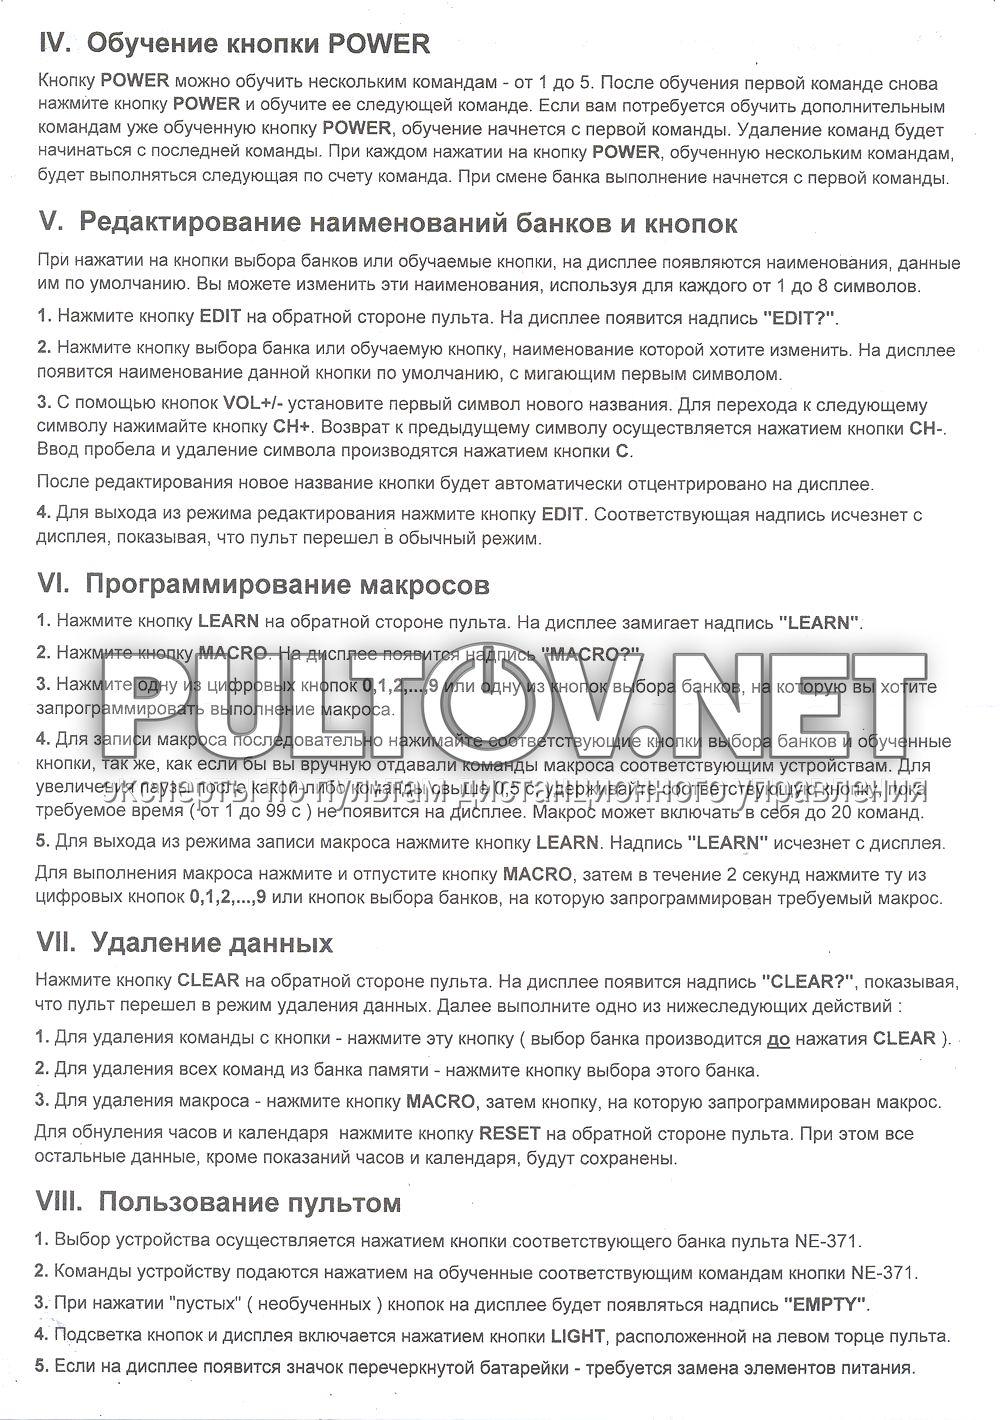 пульт chunghop srm-330e инструкция